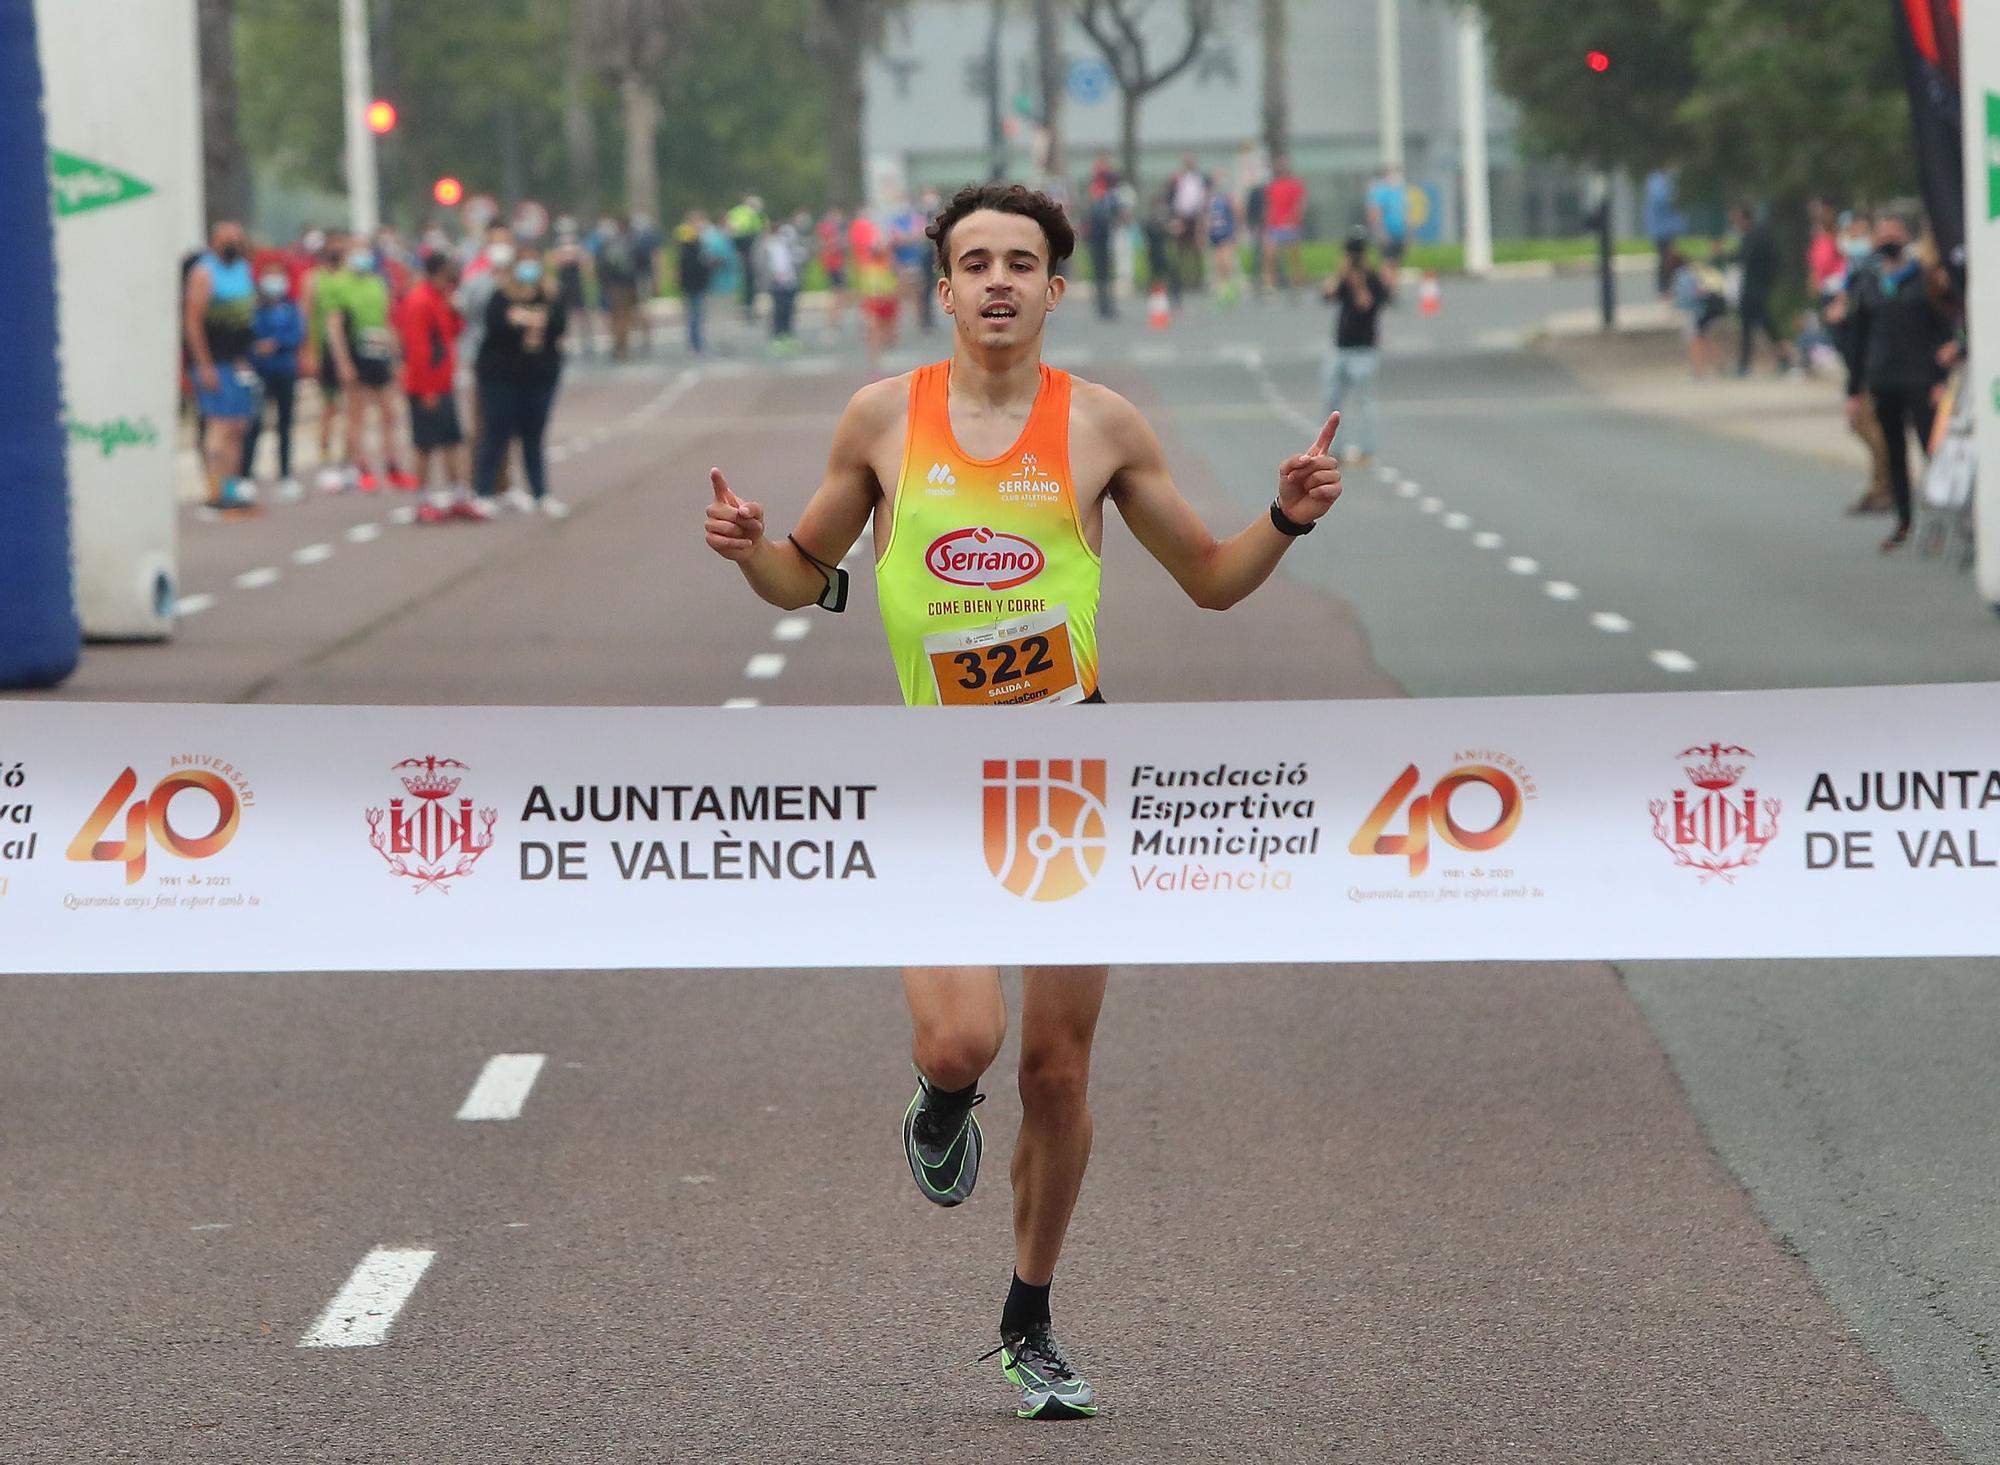 Búscate en 'València corre', la primera carrera popular de la ciudad de la pandemia